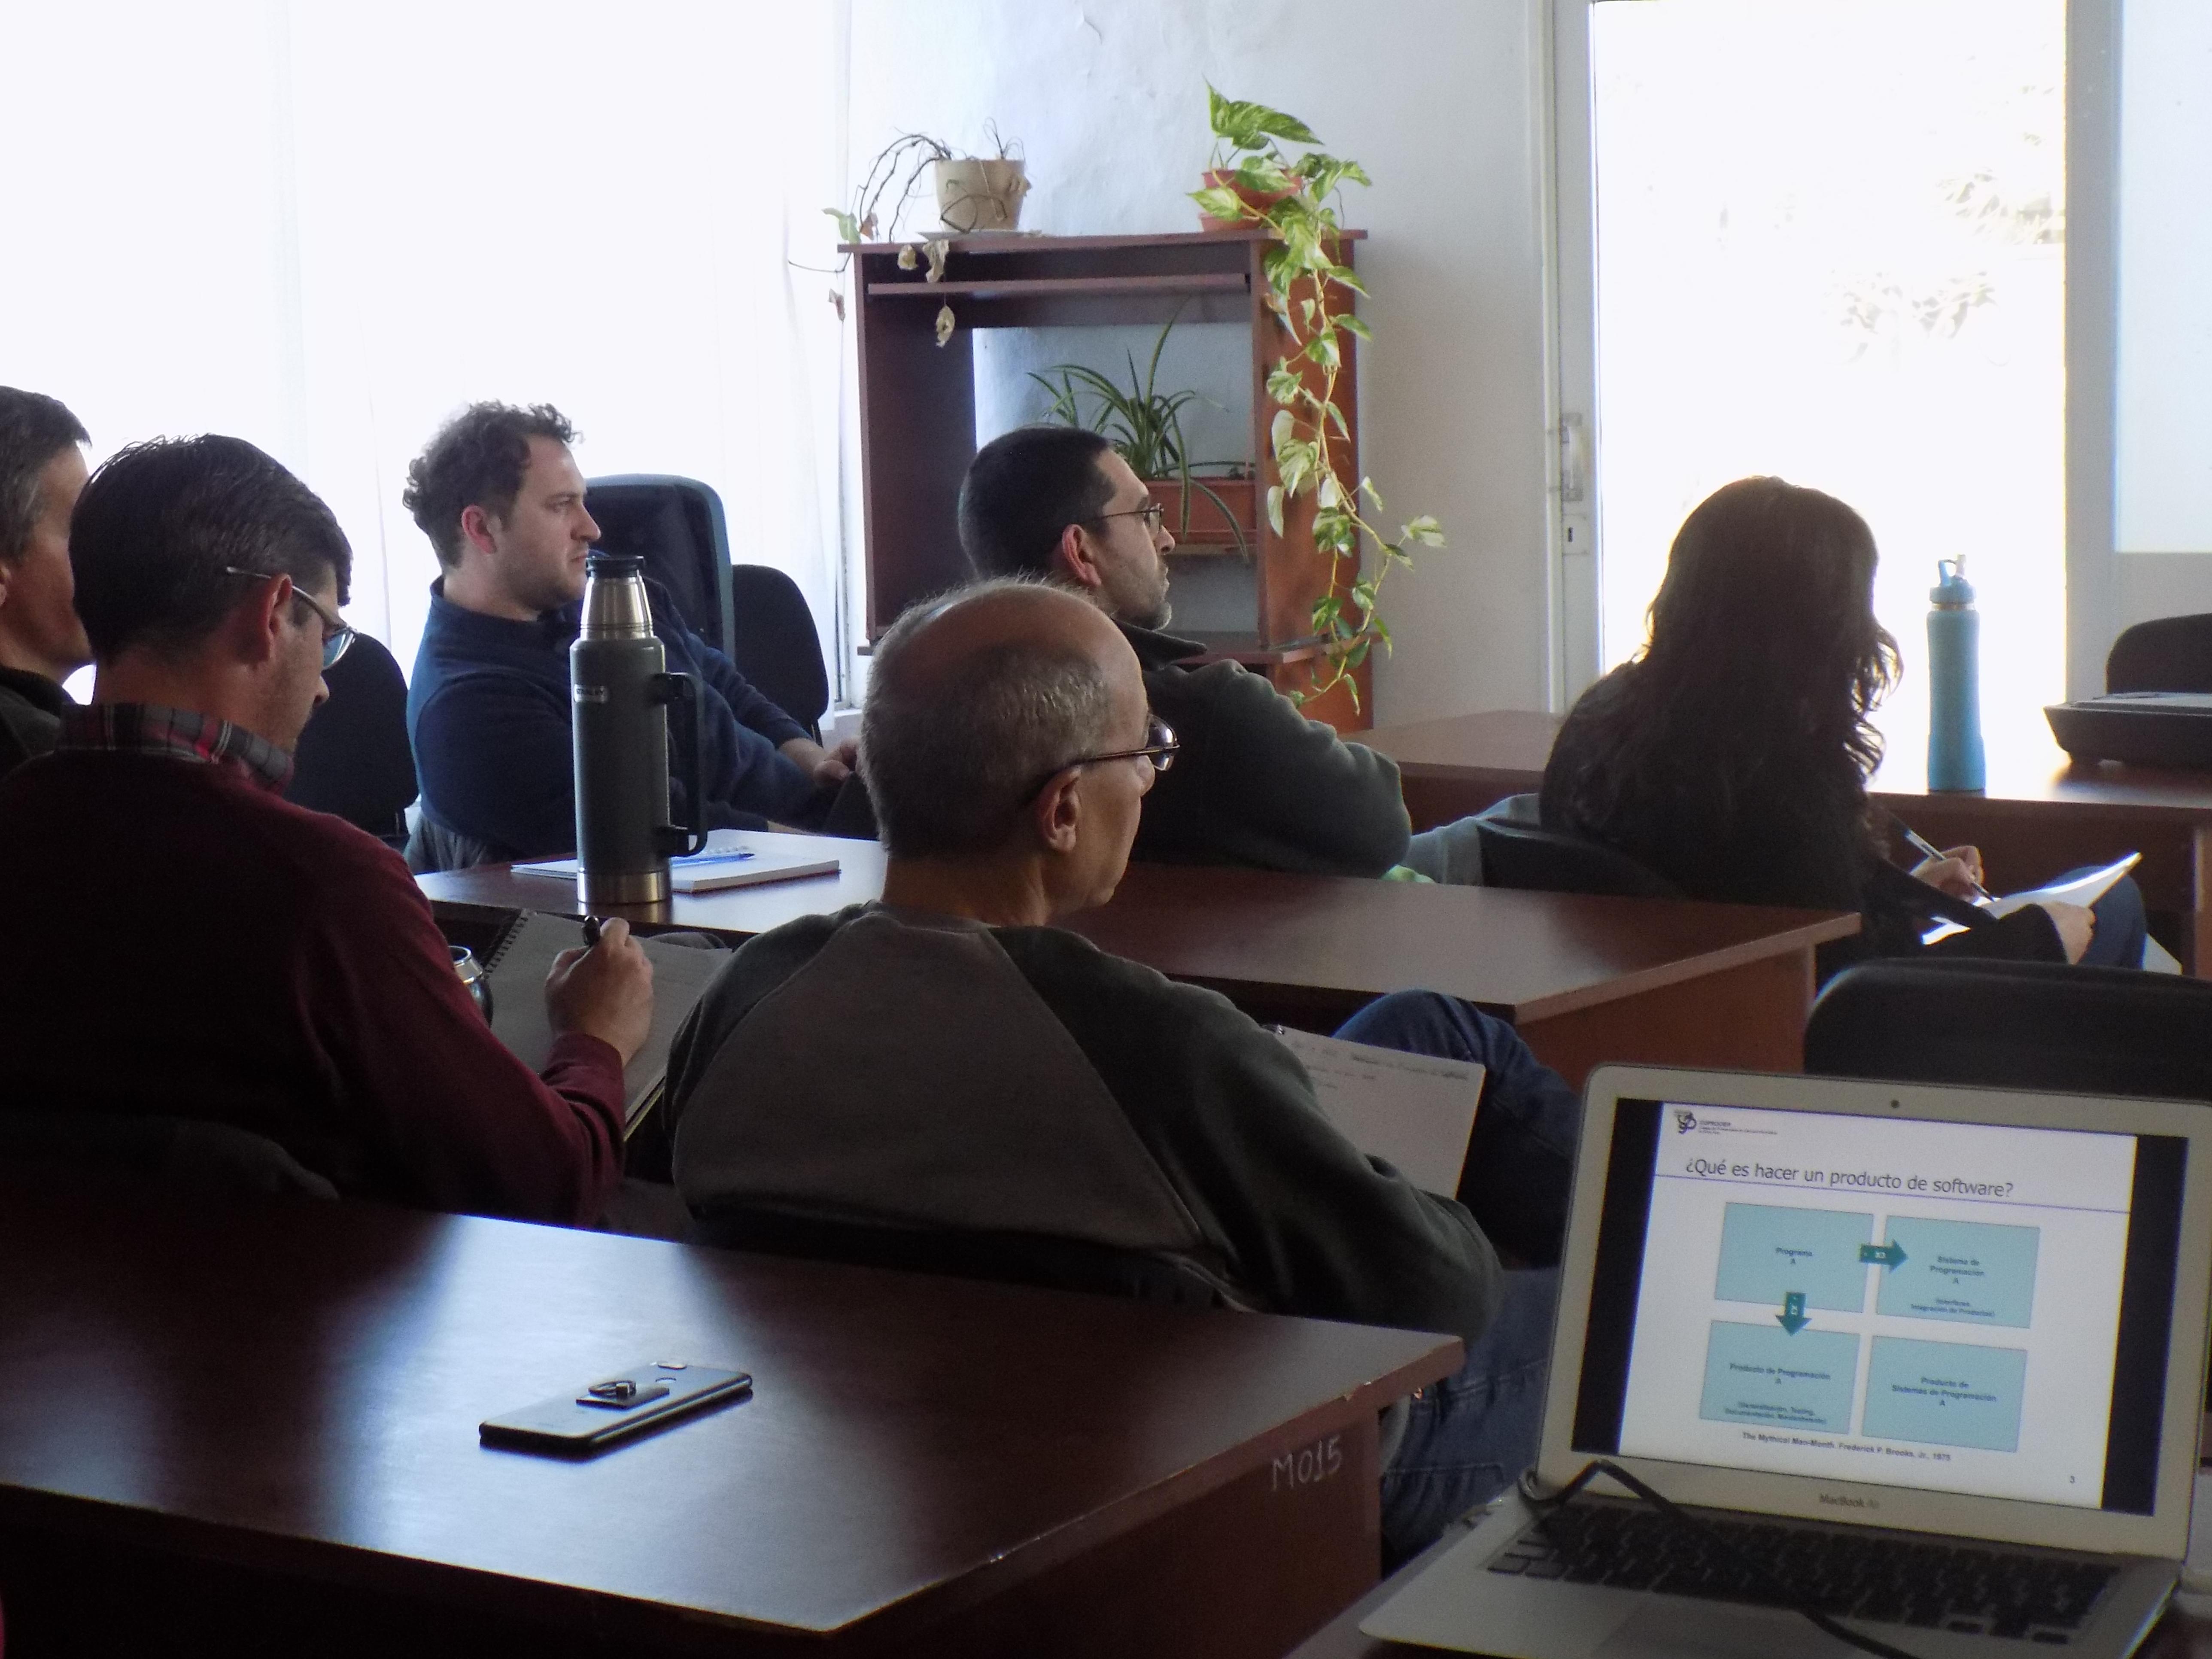 Continuó el ciclo de charlas, con «Estimación de proyectos de Software»